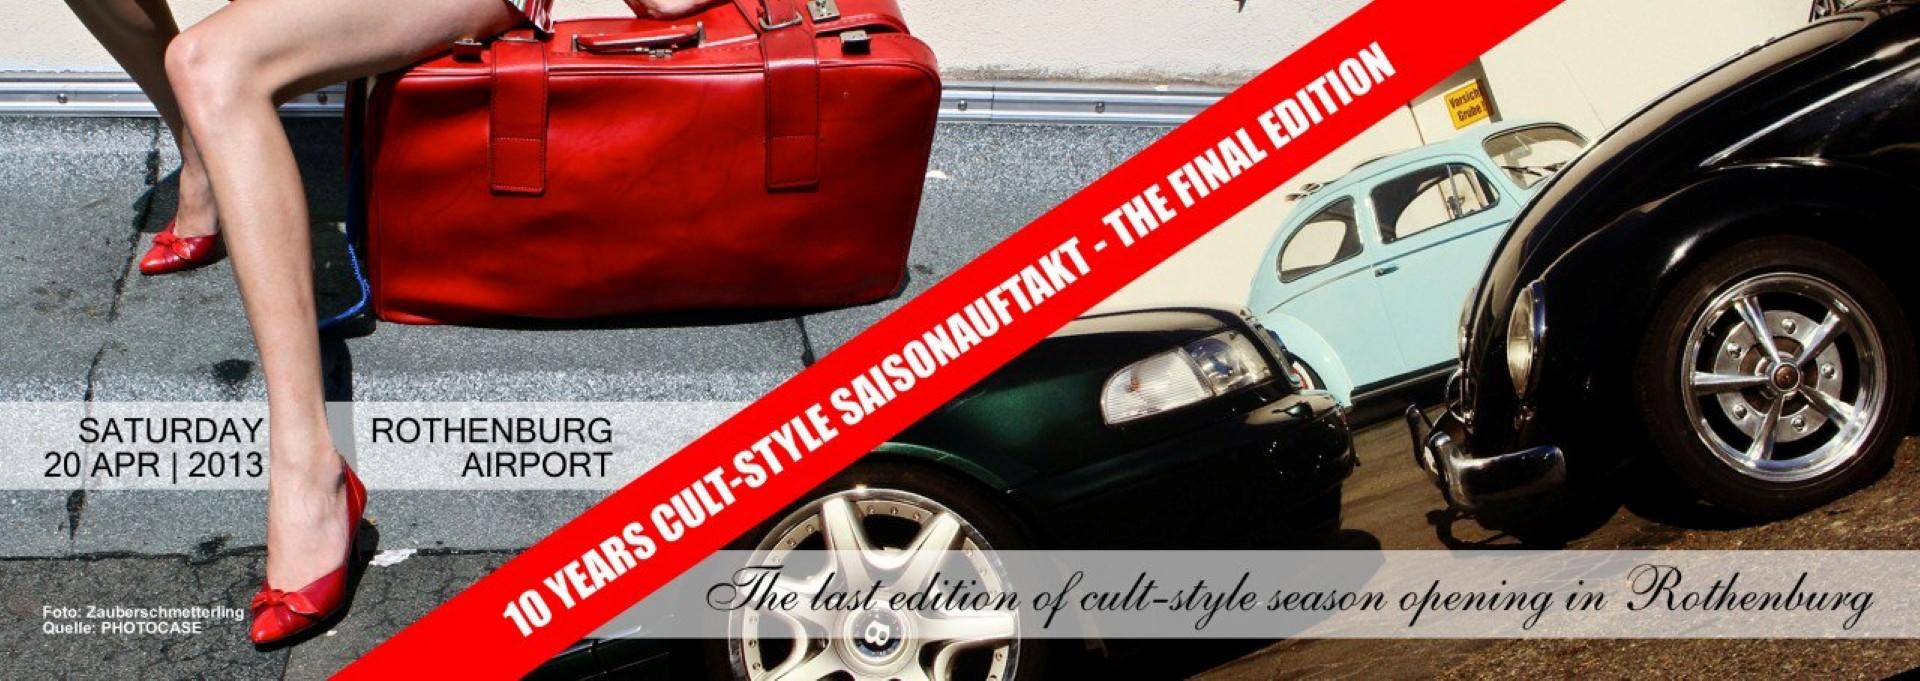 cult-style SAISONAUFTAKT - The Final Edition 2013